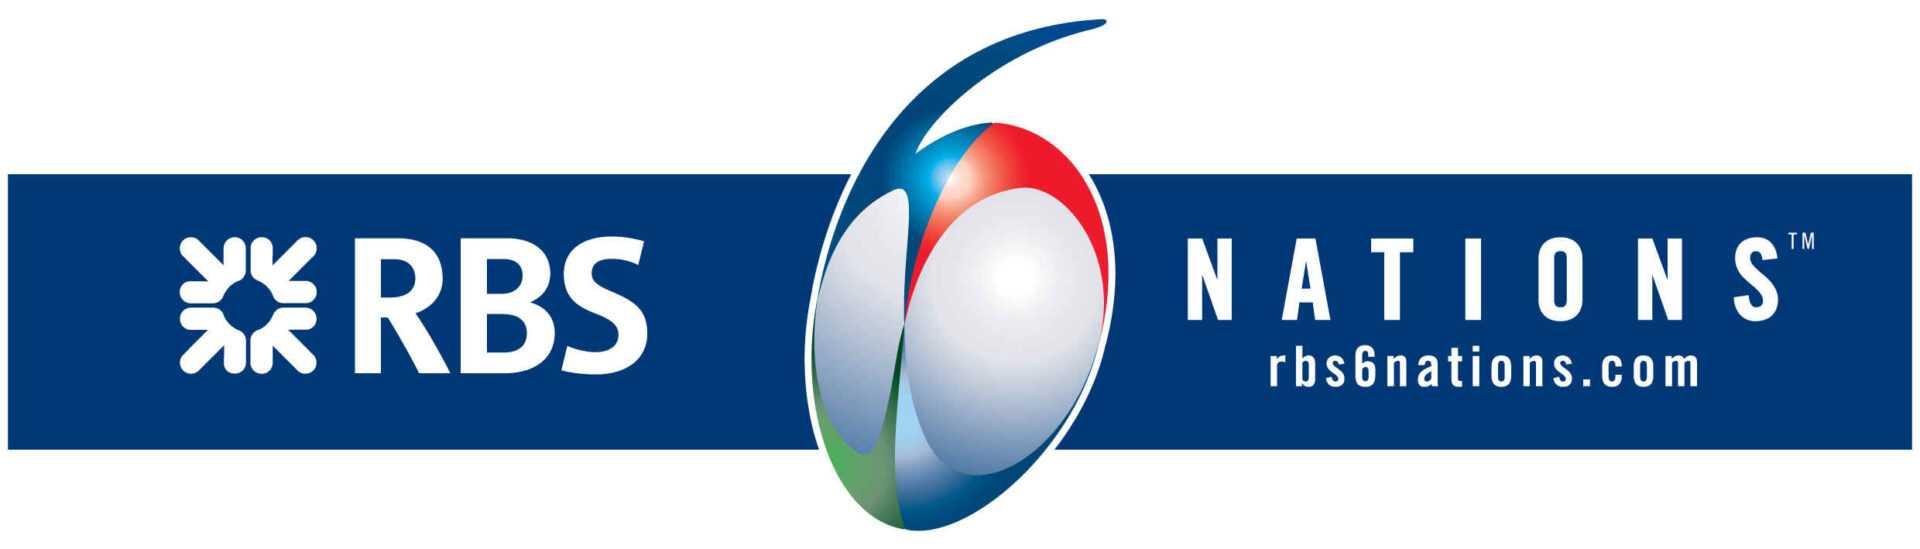 RBS 6 Nazioni 2014: diretta tv esclusiva in chiaro su DMAX, il calendario | Digitale terrestre: Dtti.it